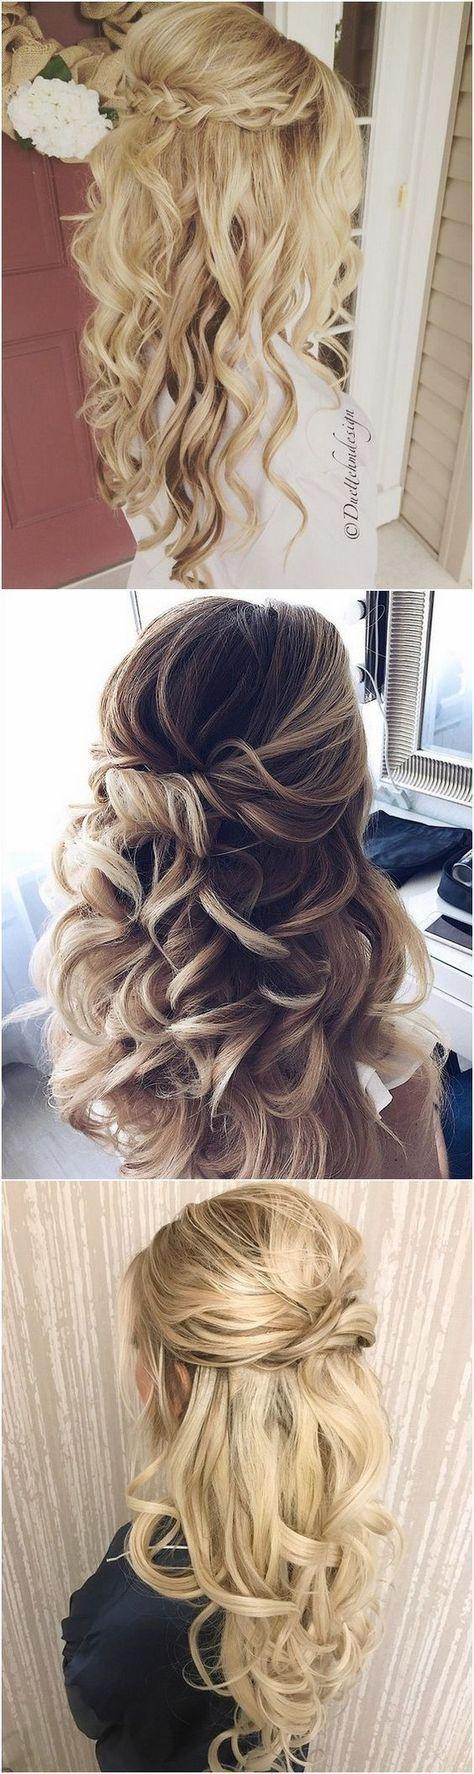 50+ einfach halb hoch halb runter Hochzeitsfrisuren   – Brautfrisuren   Bridal Hairstyle